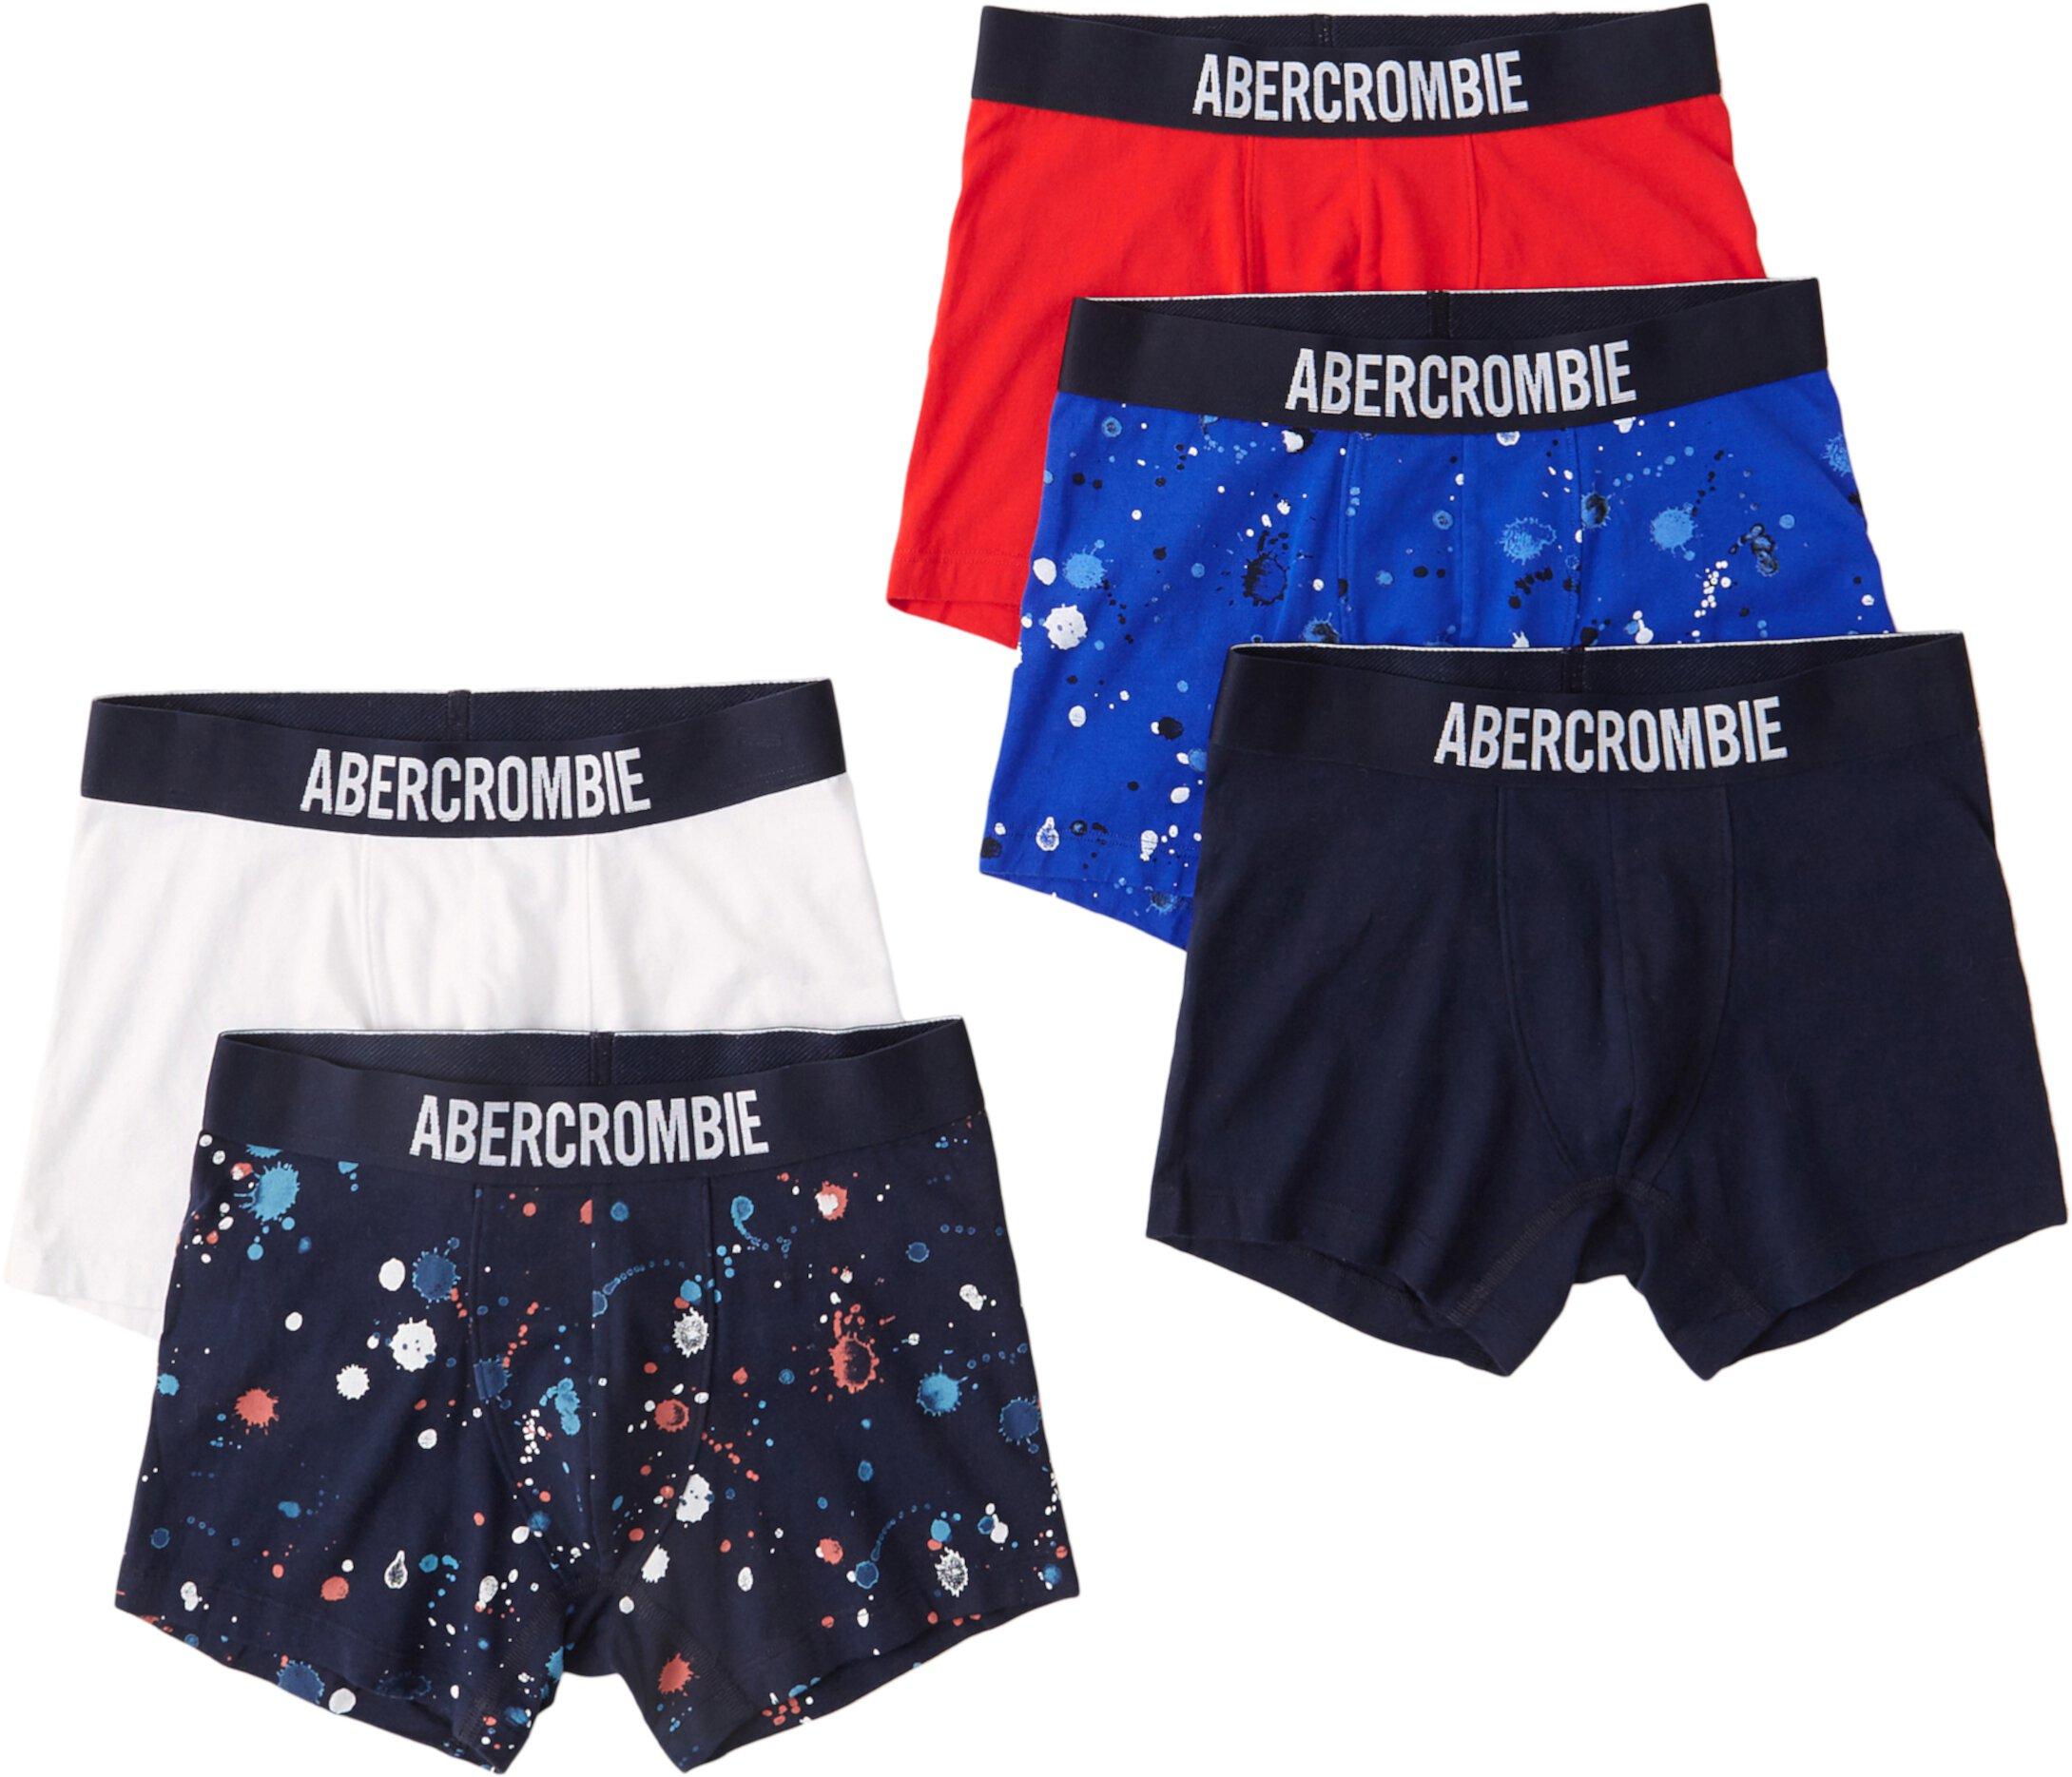 Трусы-боксеры (для детей младшего и школьного возраста) Abercrombie kids